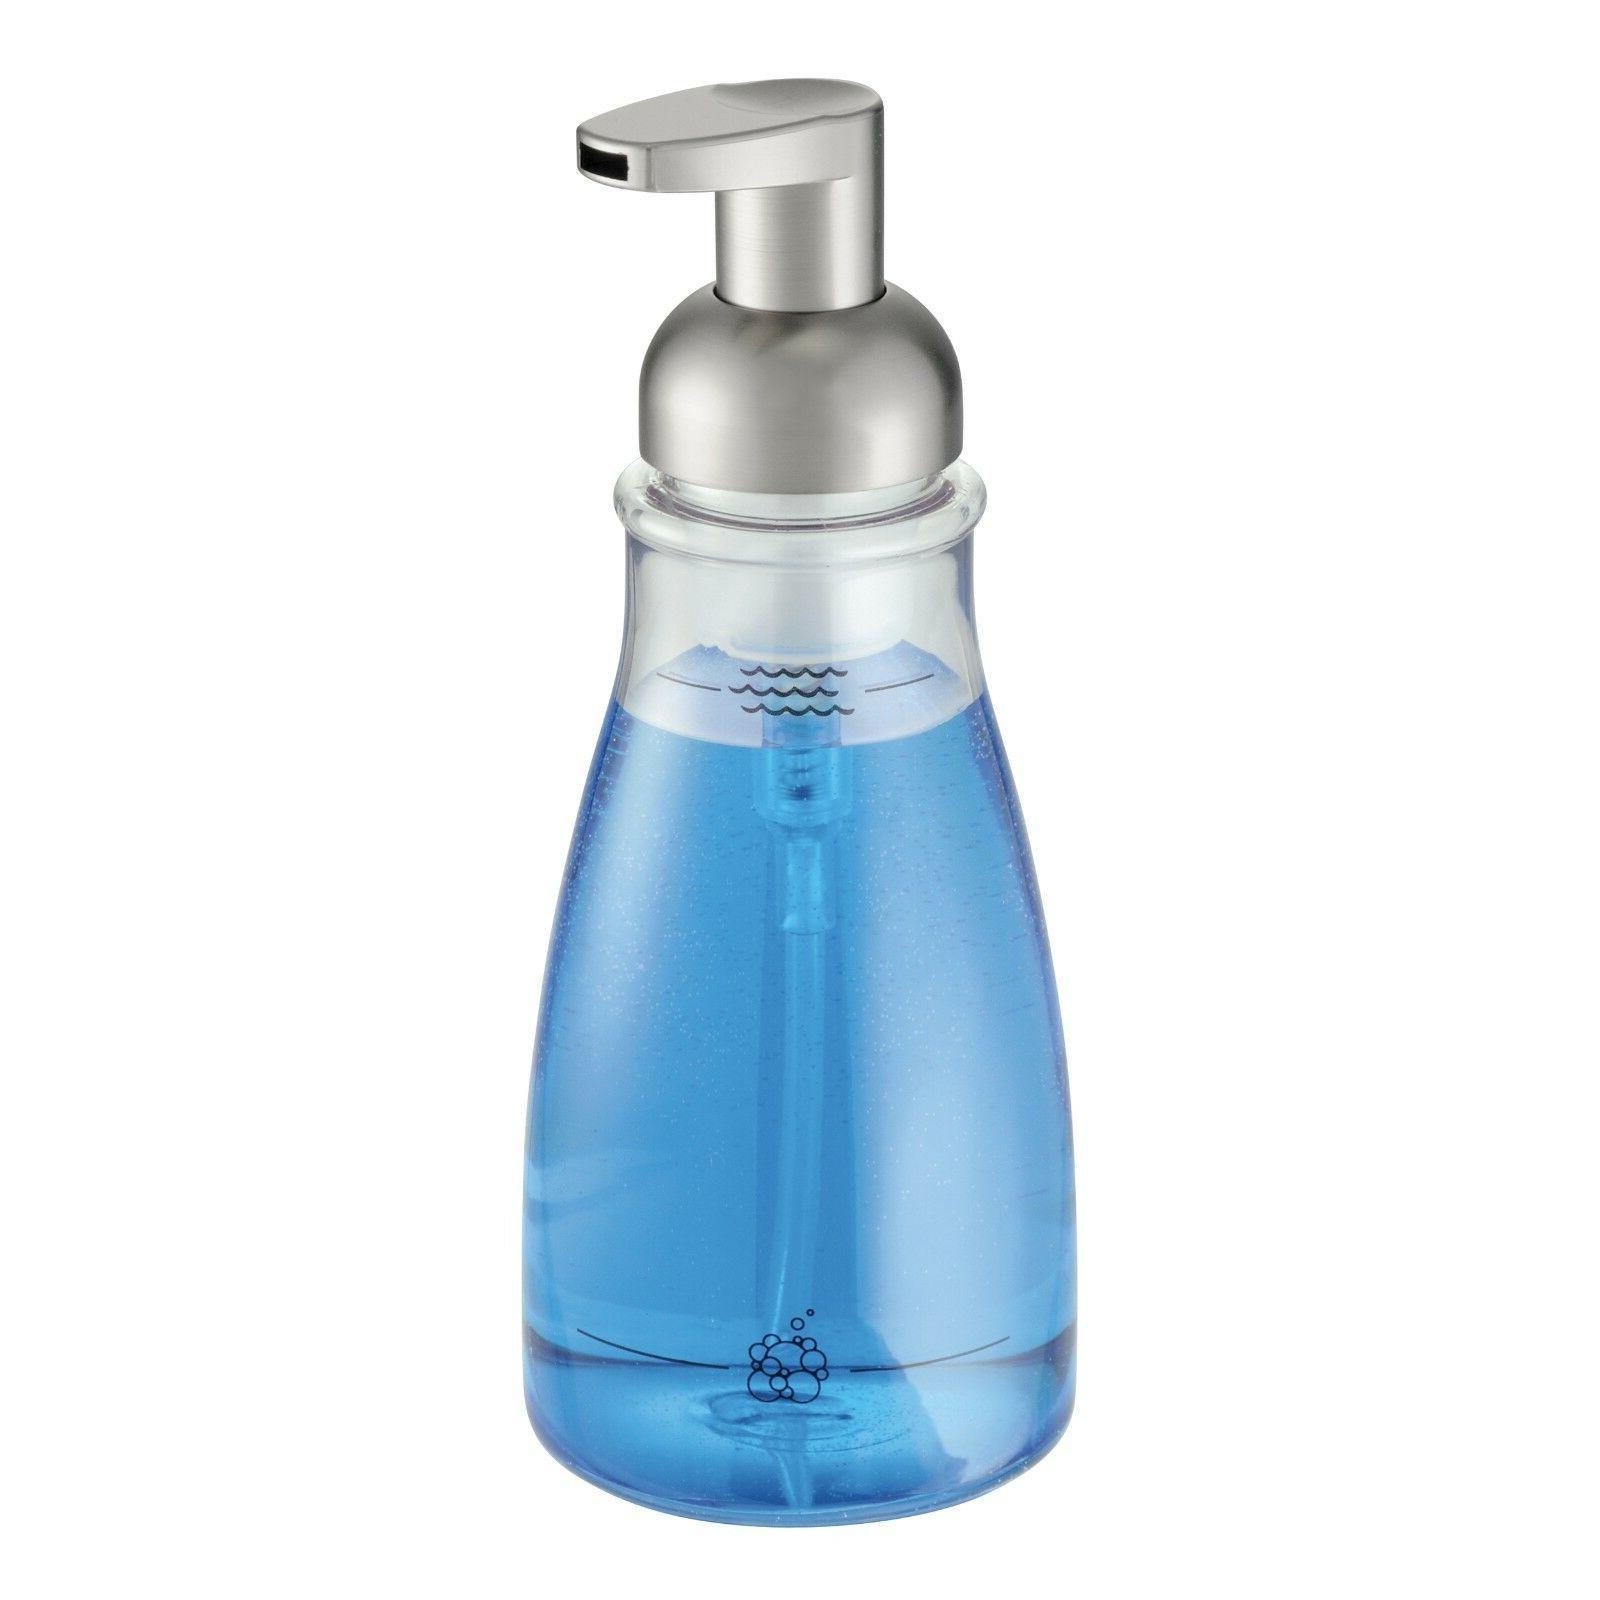 foaming soap dispenser pump 2 color options